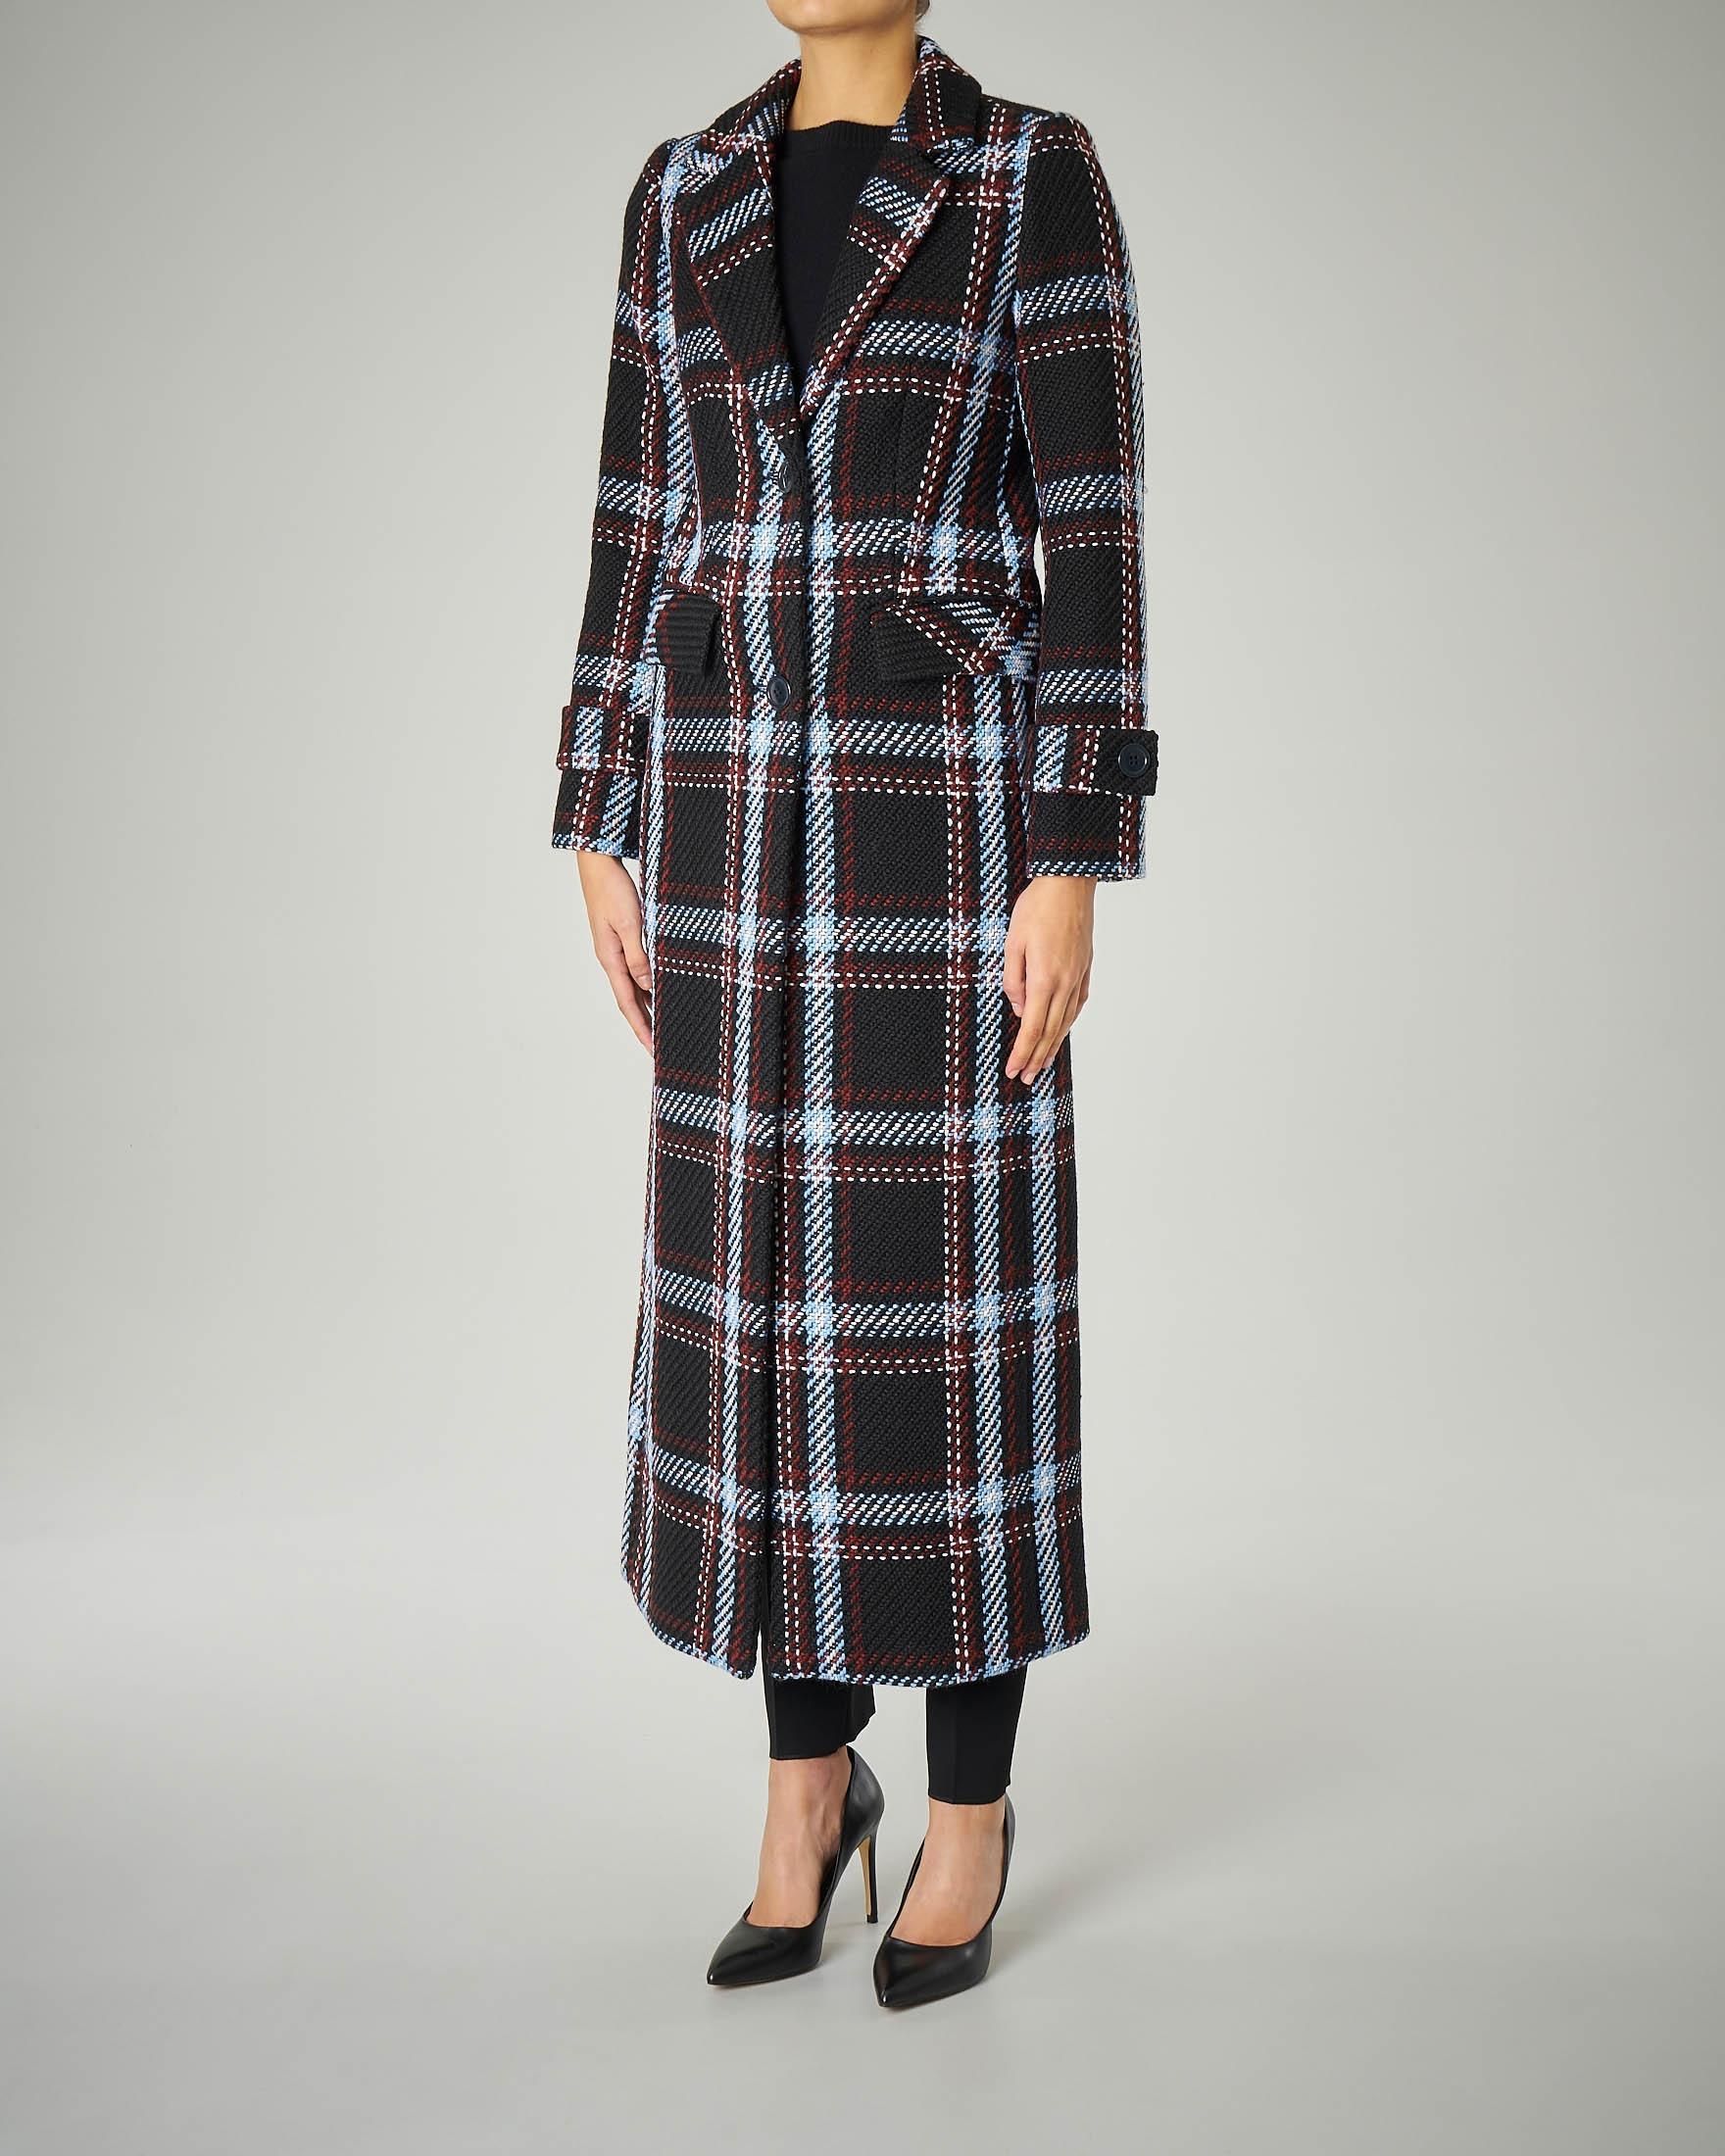 Cappotto lungo nero in misto lana fantasia check doppiopetto